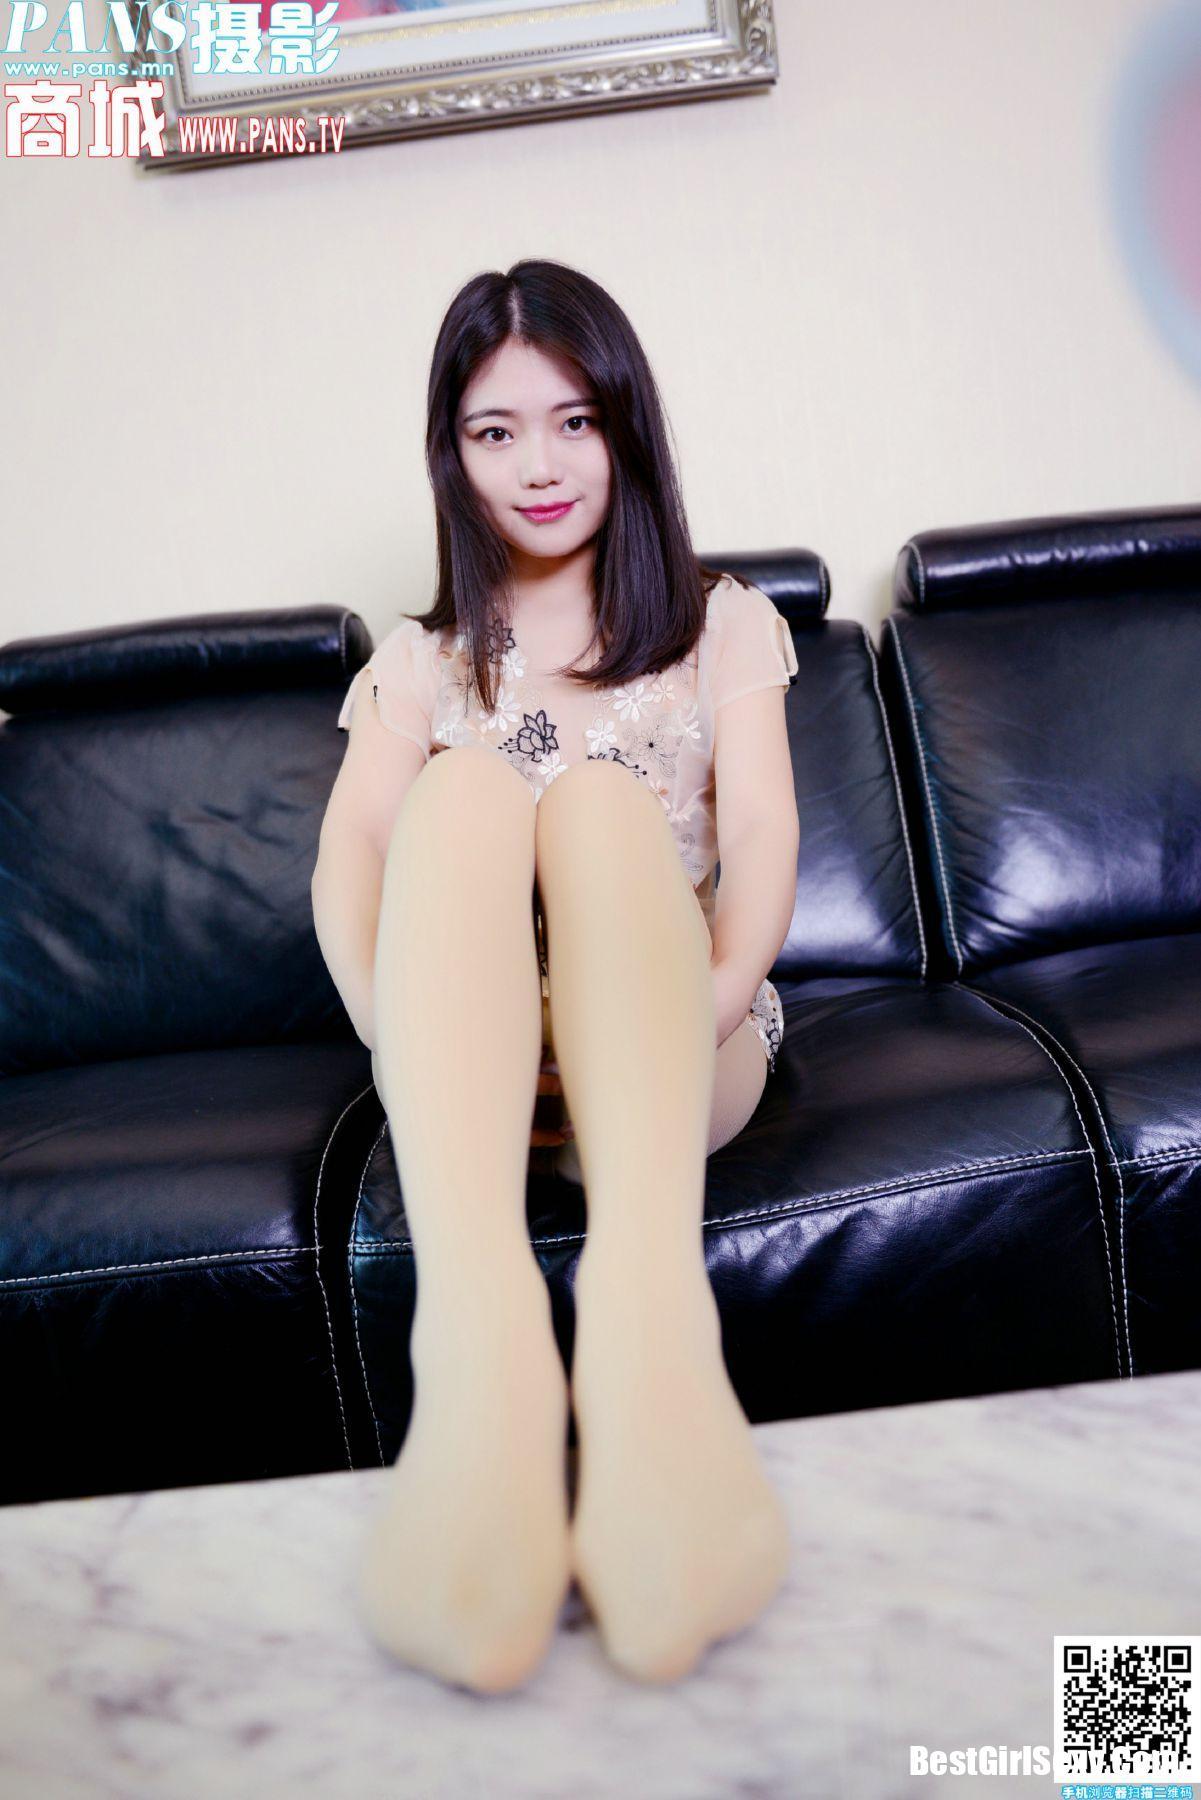 李沫, PANS写真 No.1330 Li Mo, PANS写真 No.1330, Li Mo